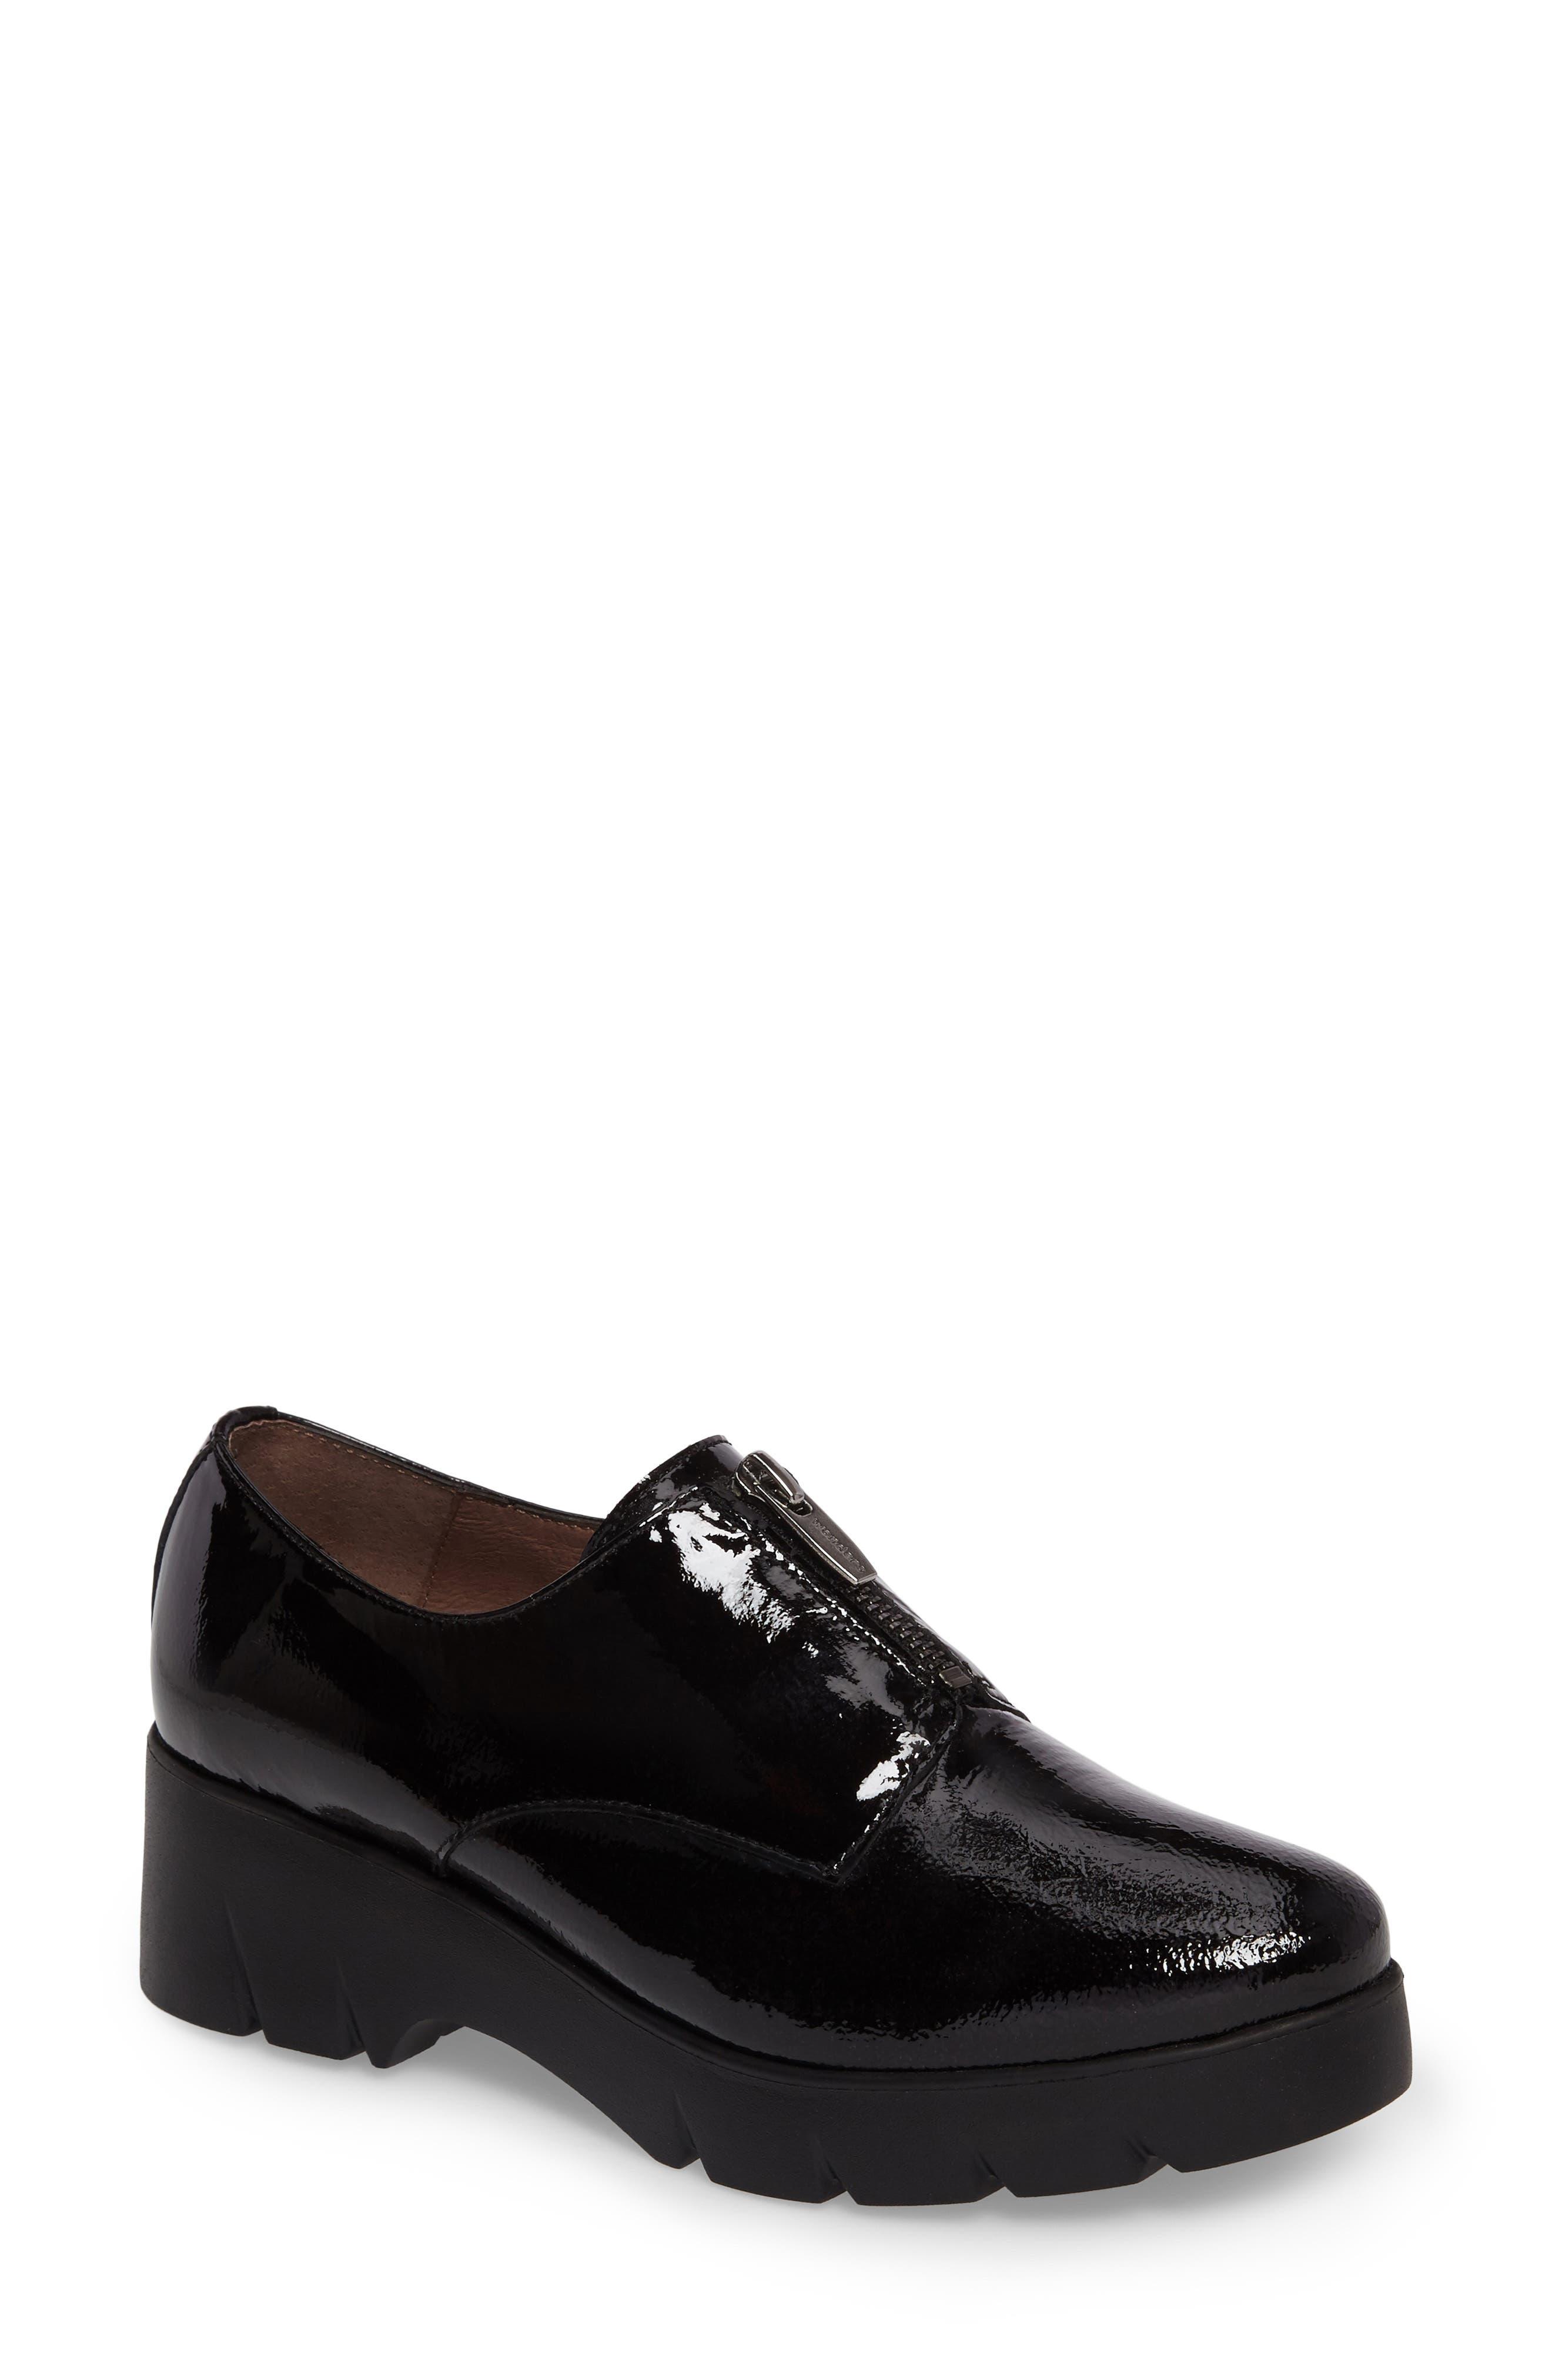 Platform Derby,                             Main thumbnail 1, color,                             Black Patent Leather